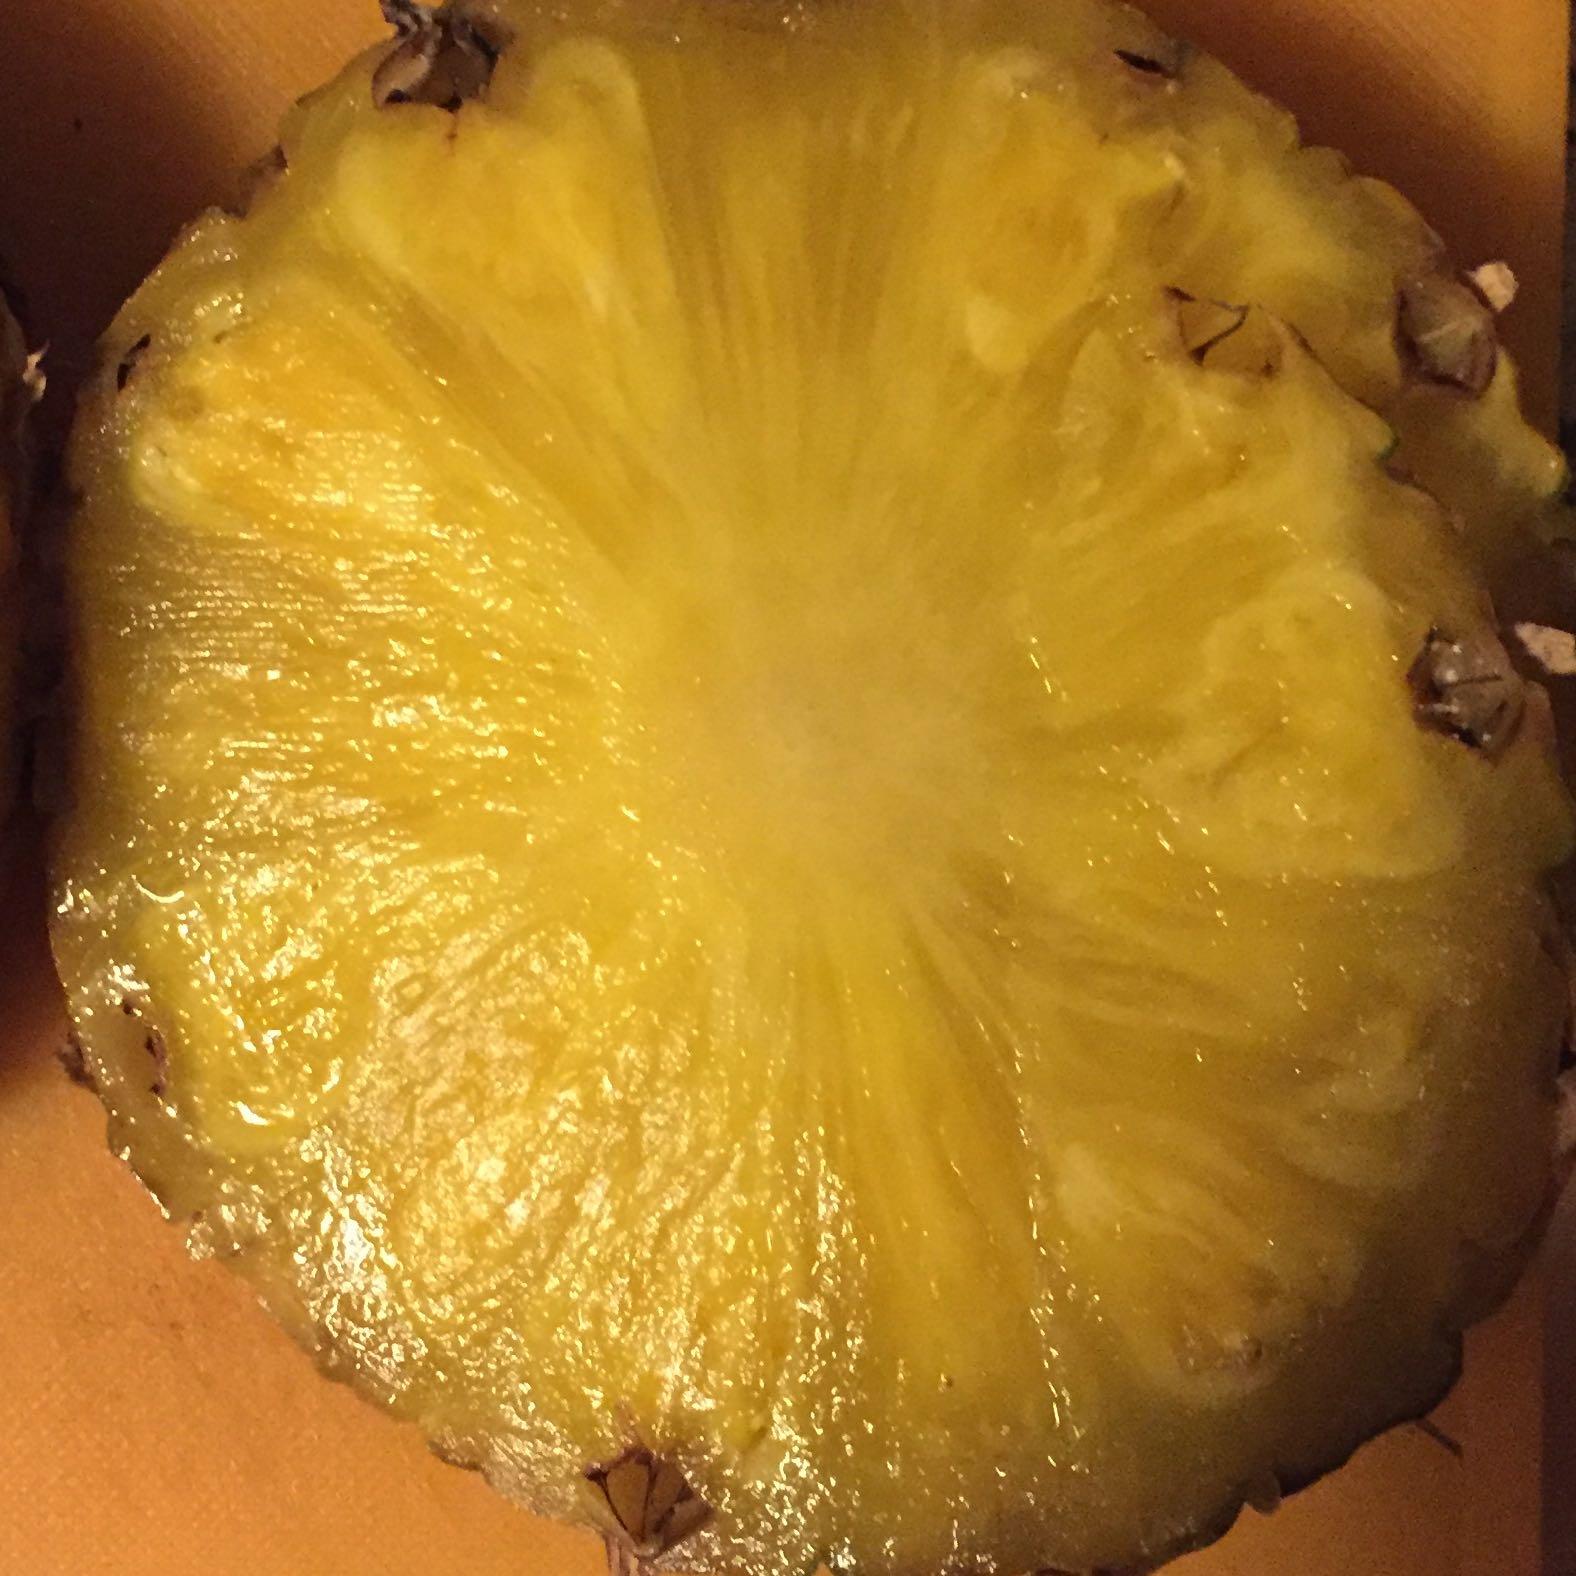 Ananas Schimmel Außen